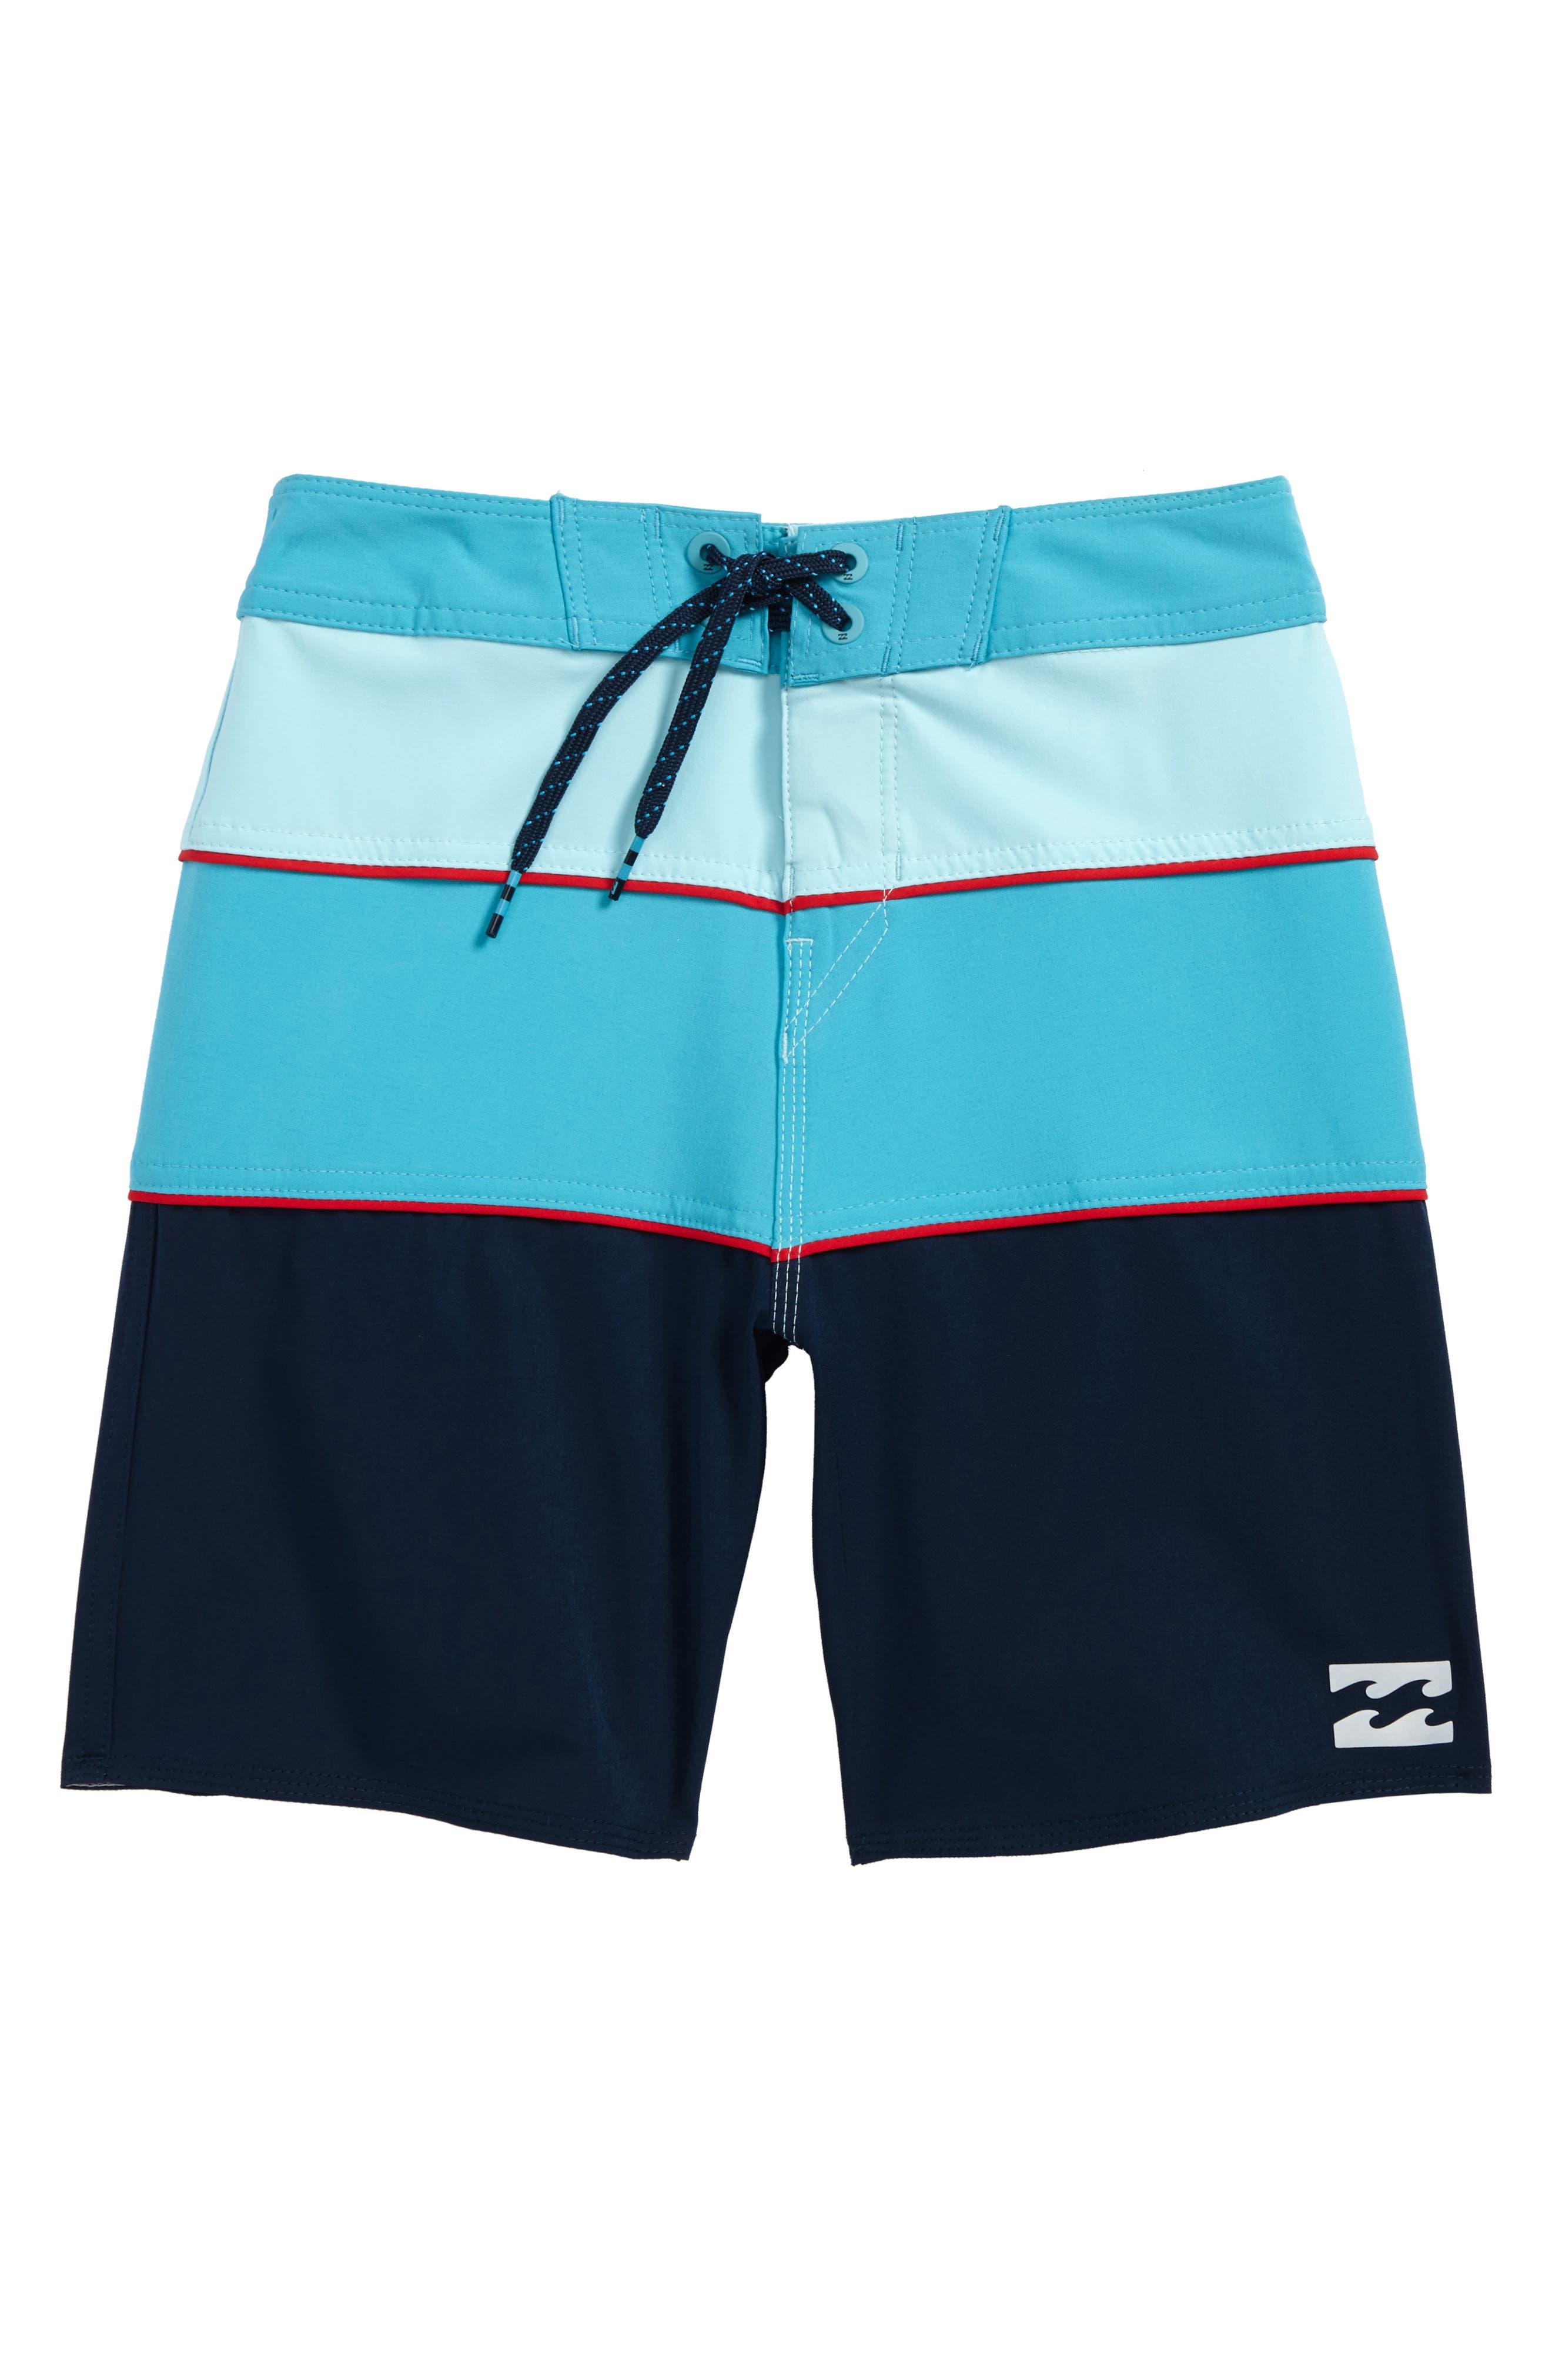 Main Image - Billabong Tribong X Board Shorts (Big Boys)